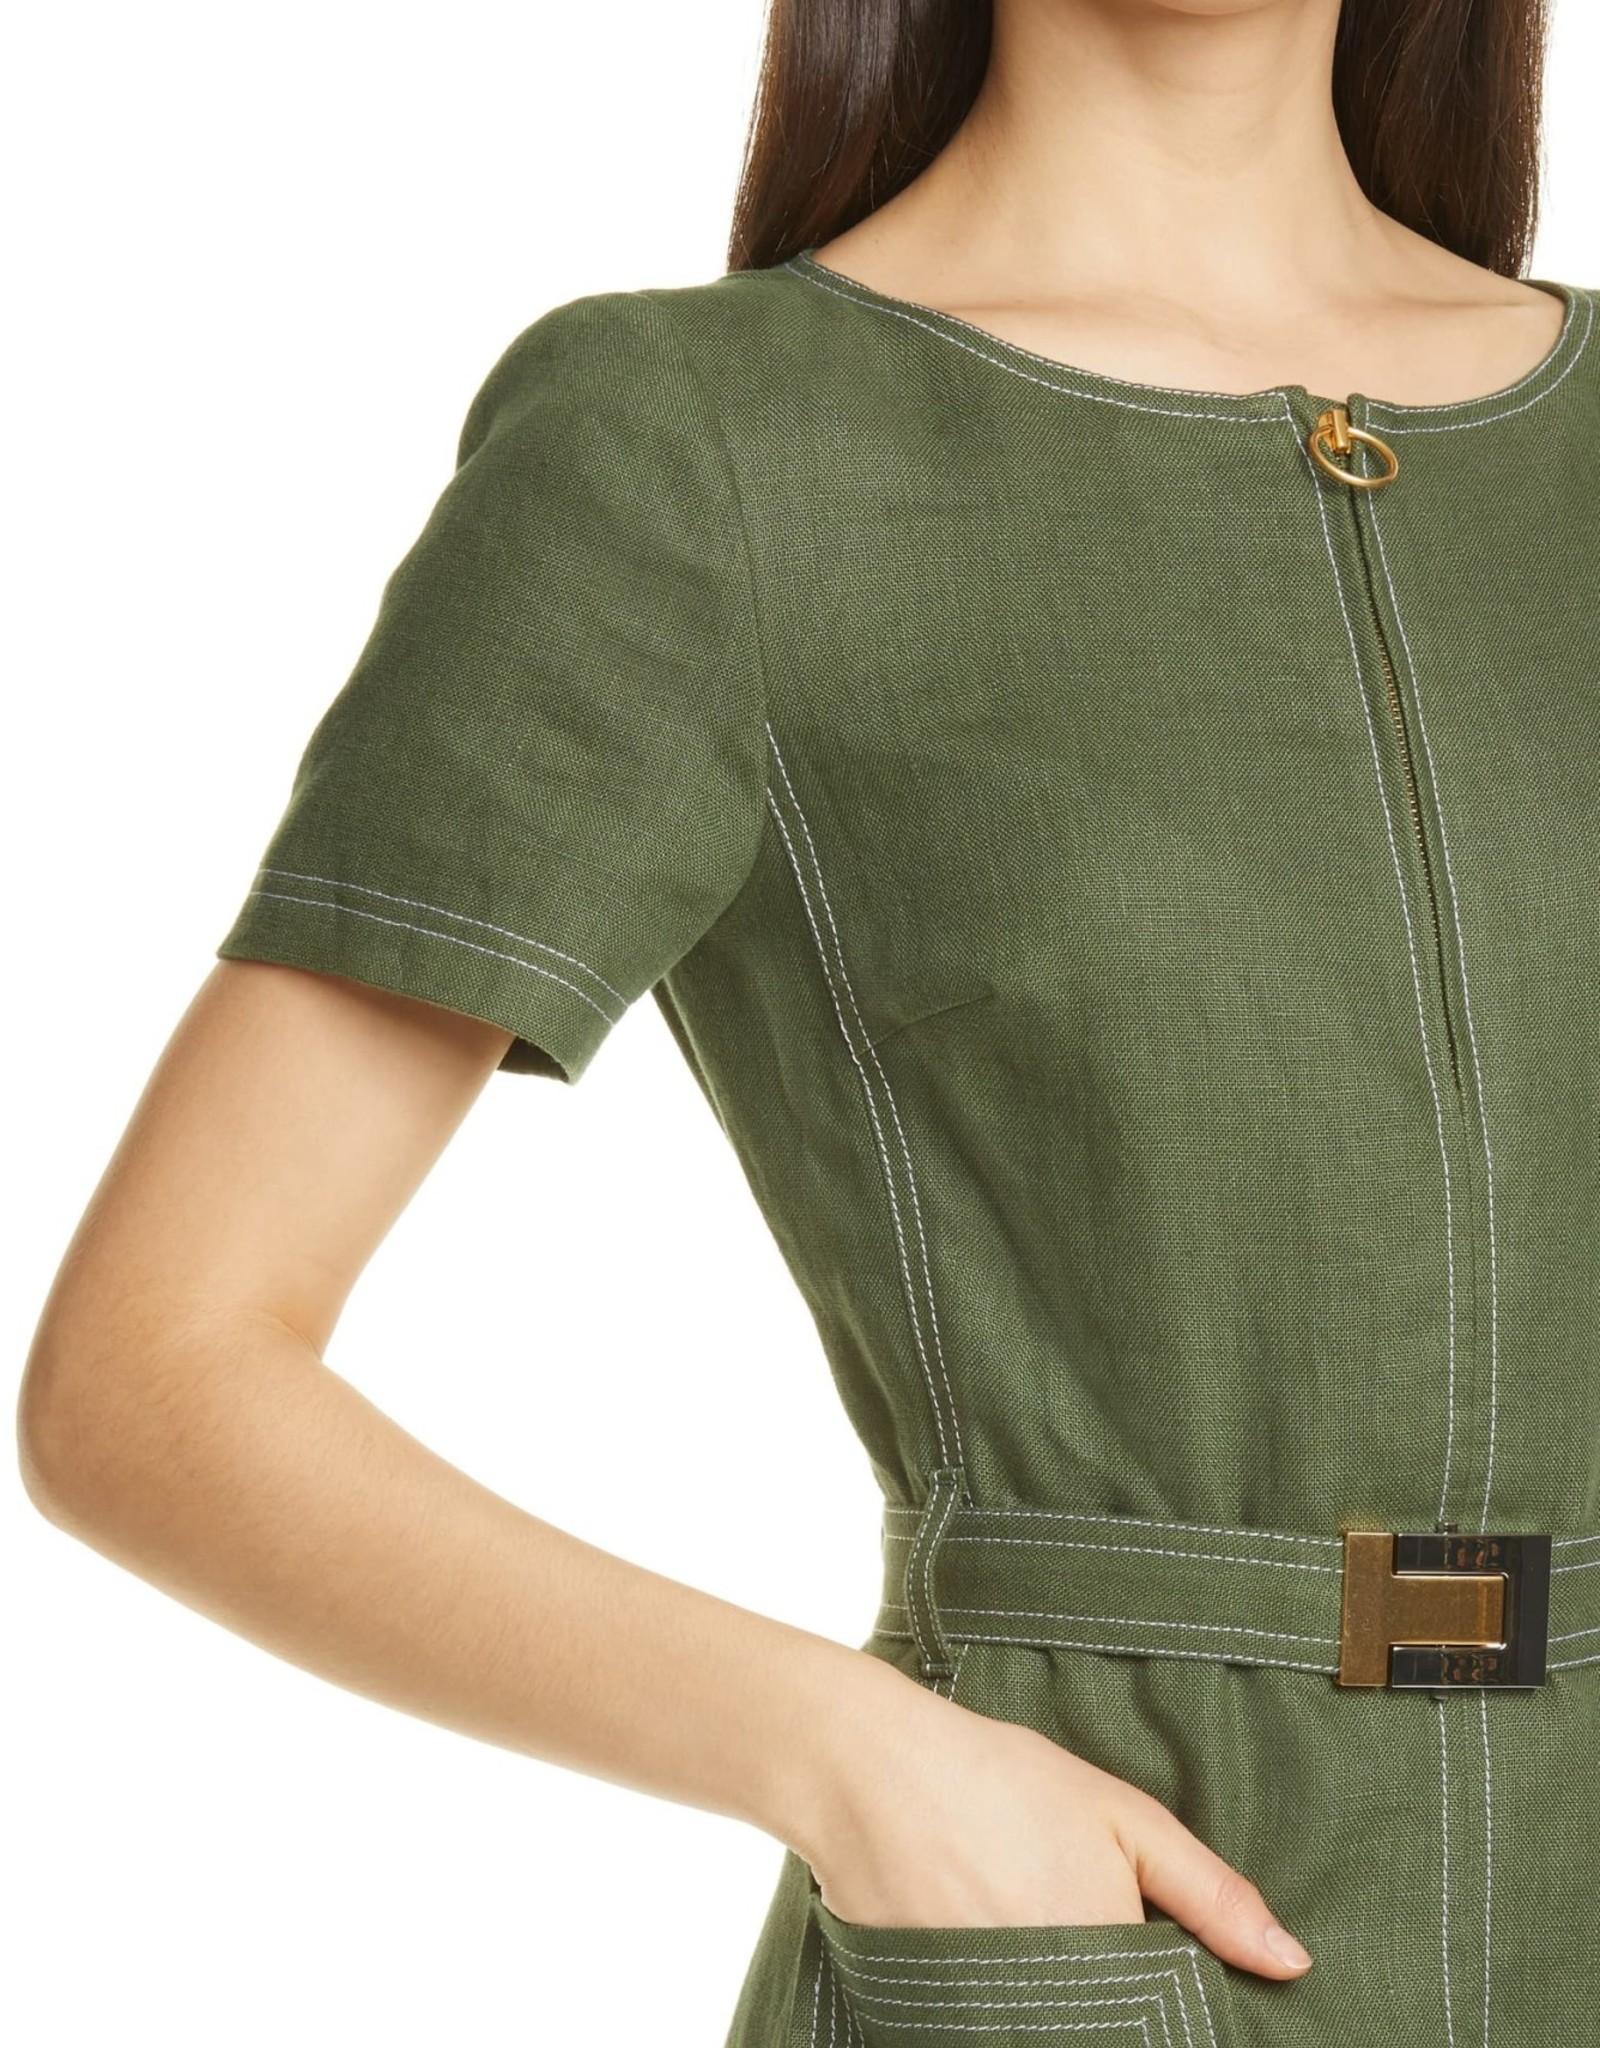 tory Burch Tory Burch S/S Linen Dress Sz 10